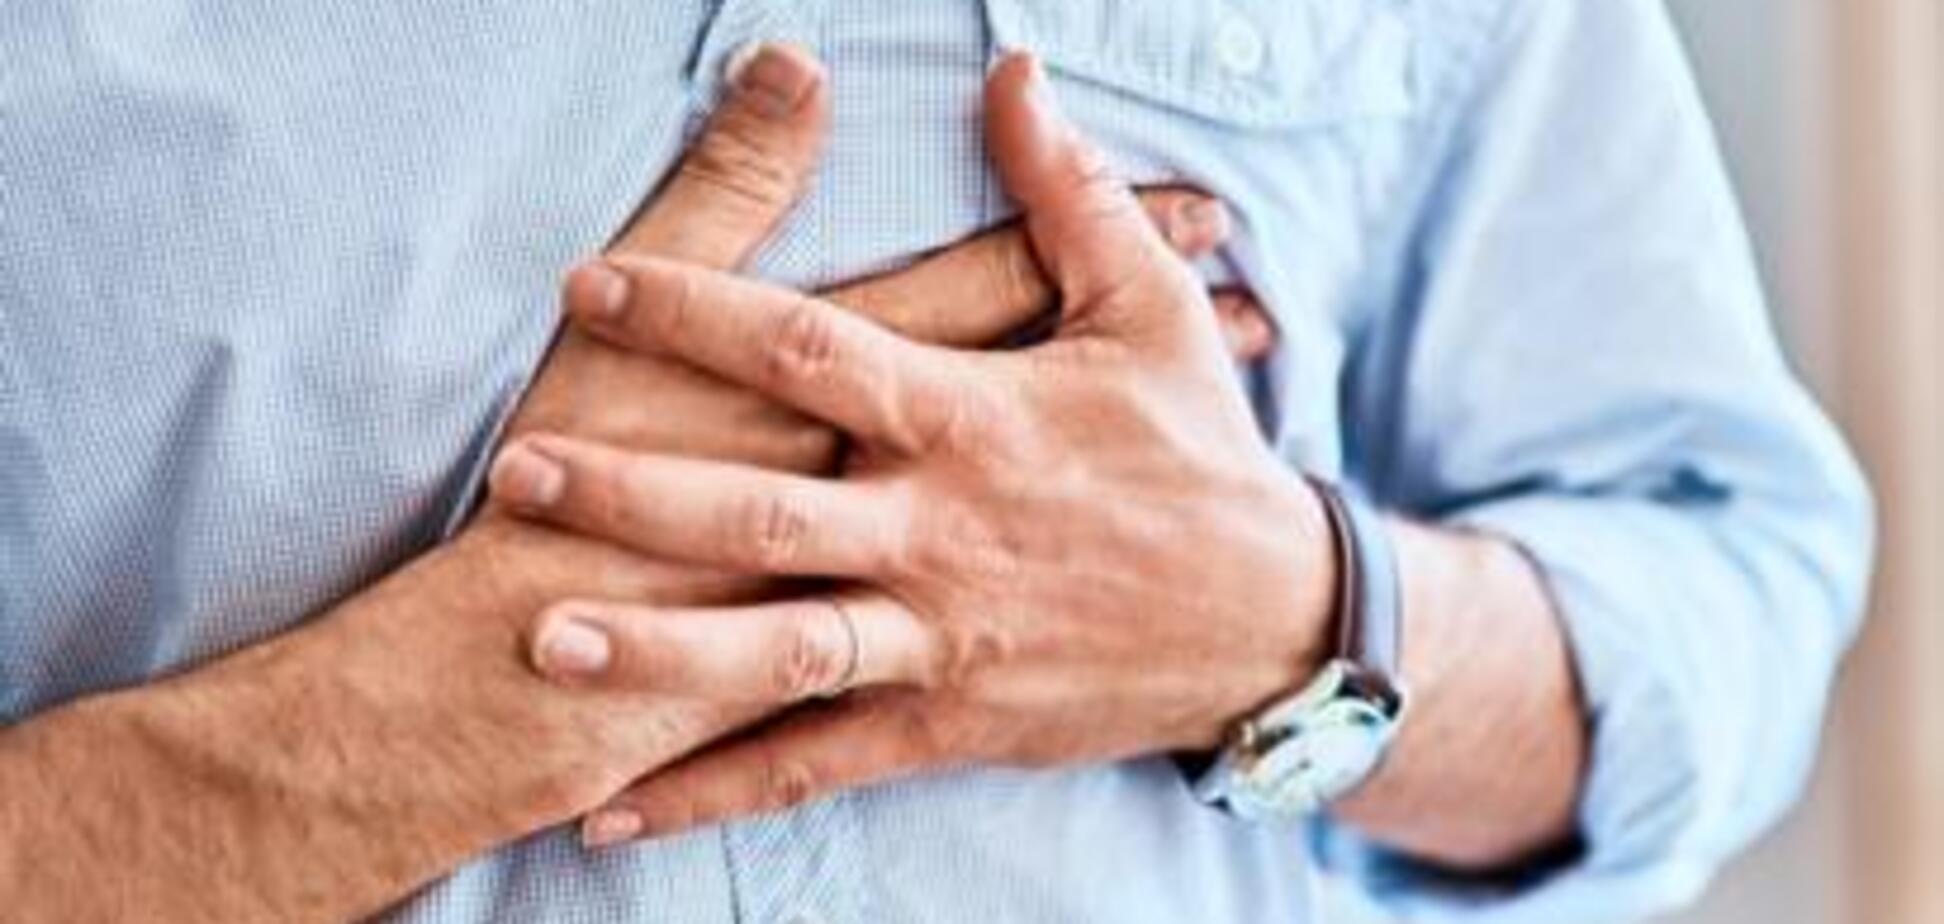 Больше не приговор: в Украине начали бесплатное стентирование пациентов с инфарктом. Видео